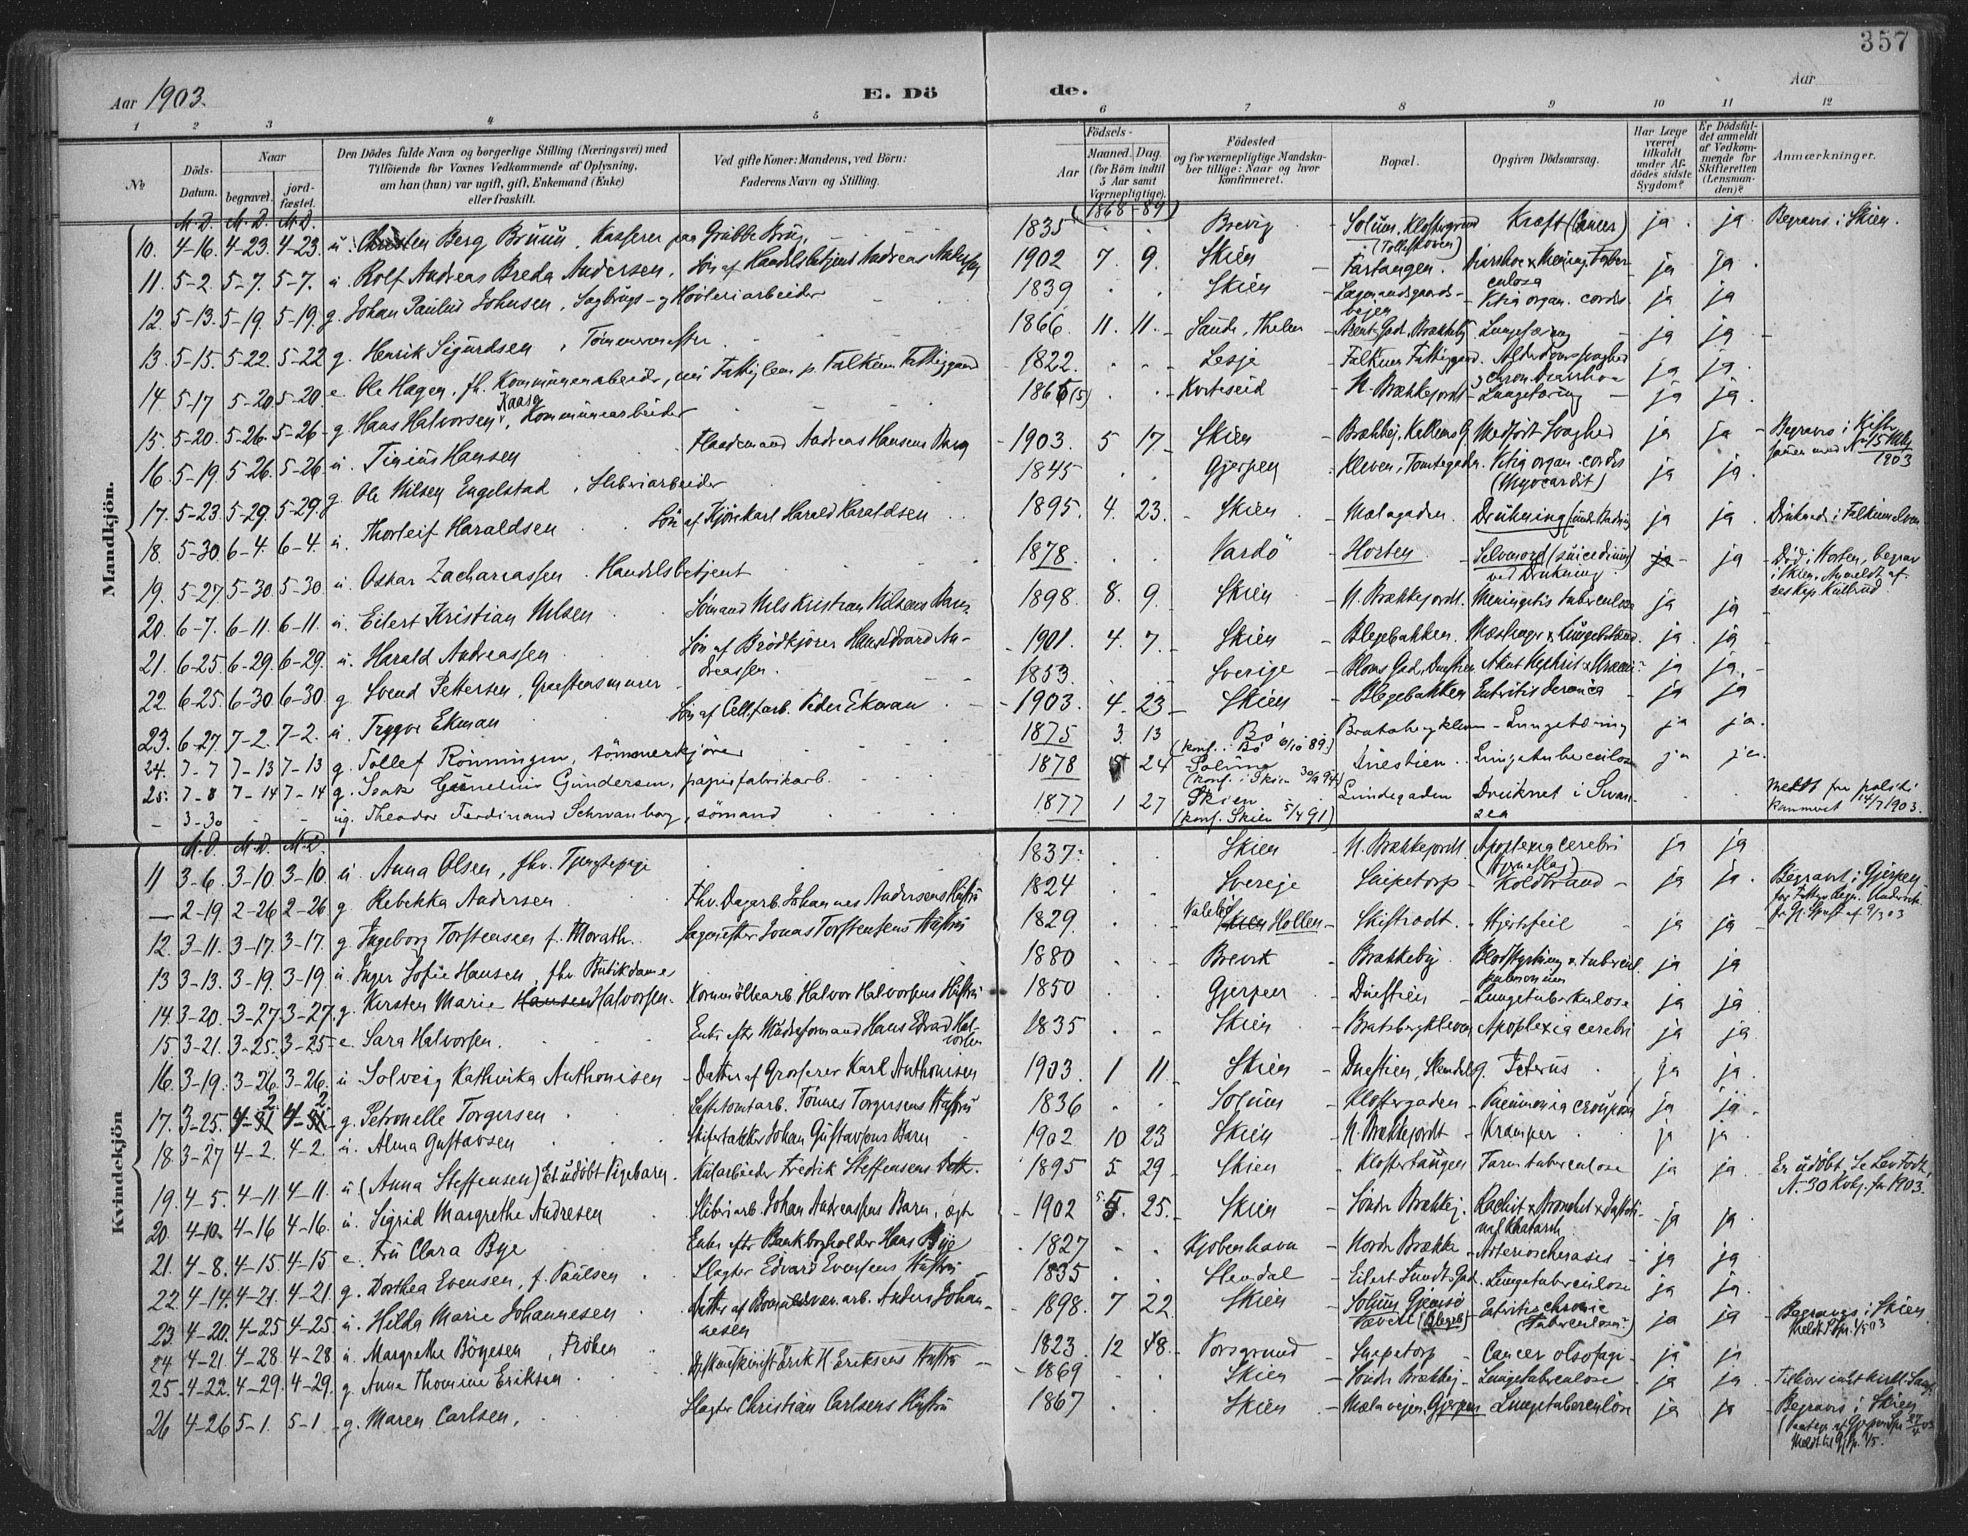 SAKO, Skien kirkebøker, F/Fa/L0011: Ministerialbok nr. 11, 1900-1907, s. 357